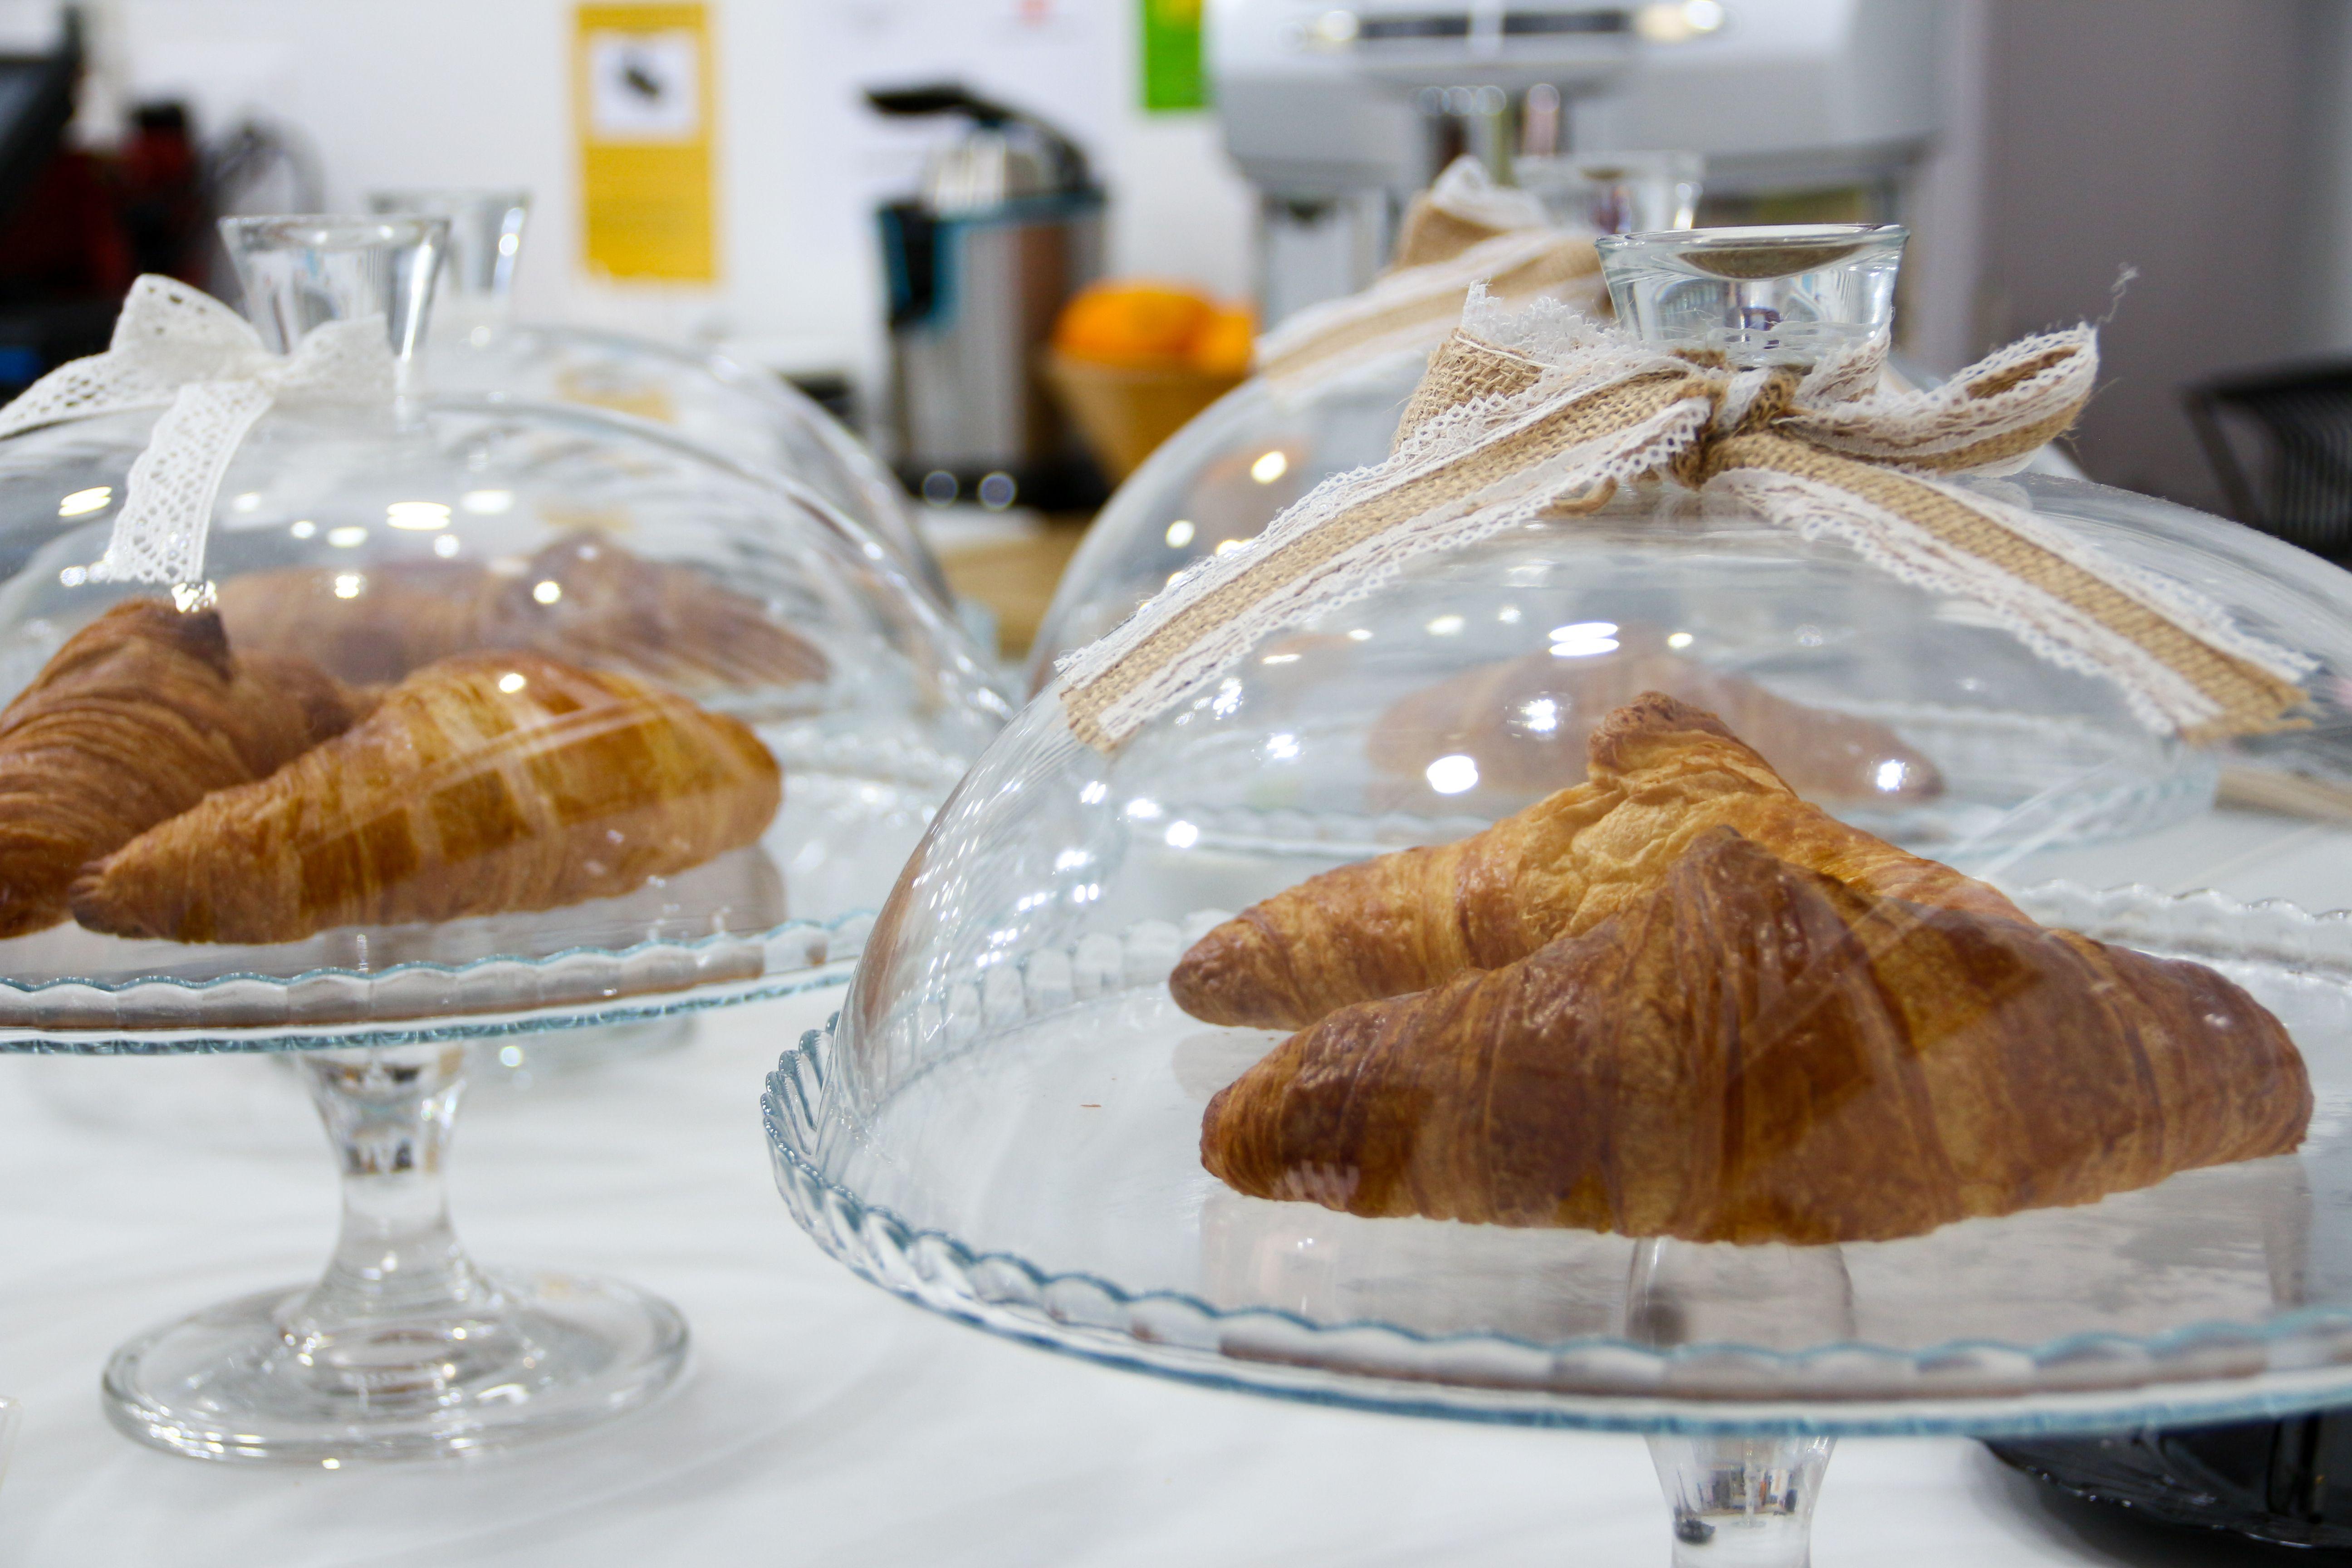 Foto 2 de Pastries en Madrid | Pastelería Creativa Javier Ramos